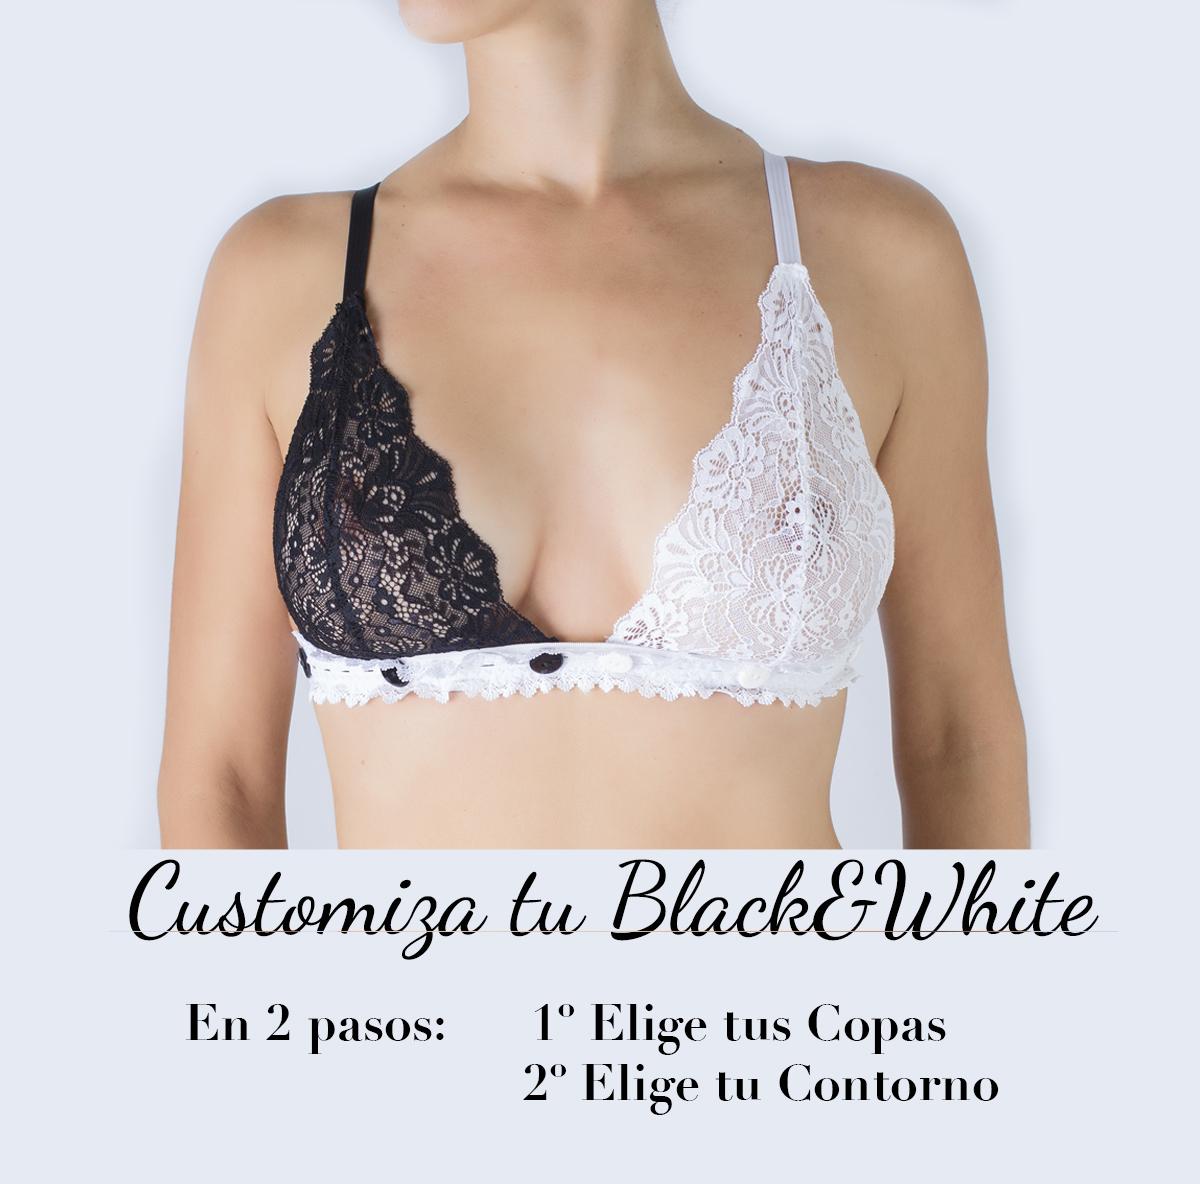 bralette negro y blanco la lencería perfecta para combinar